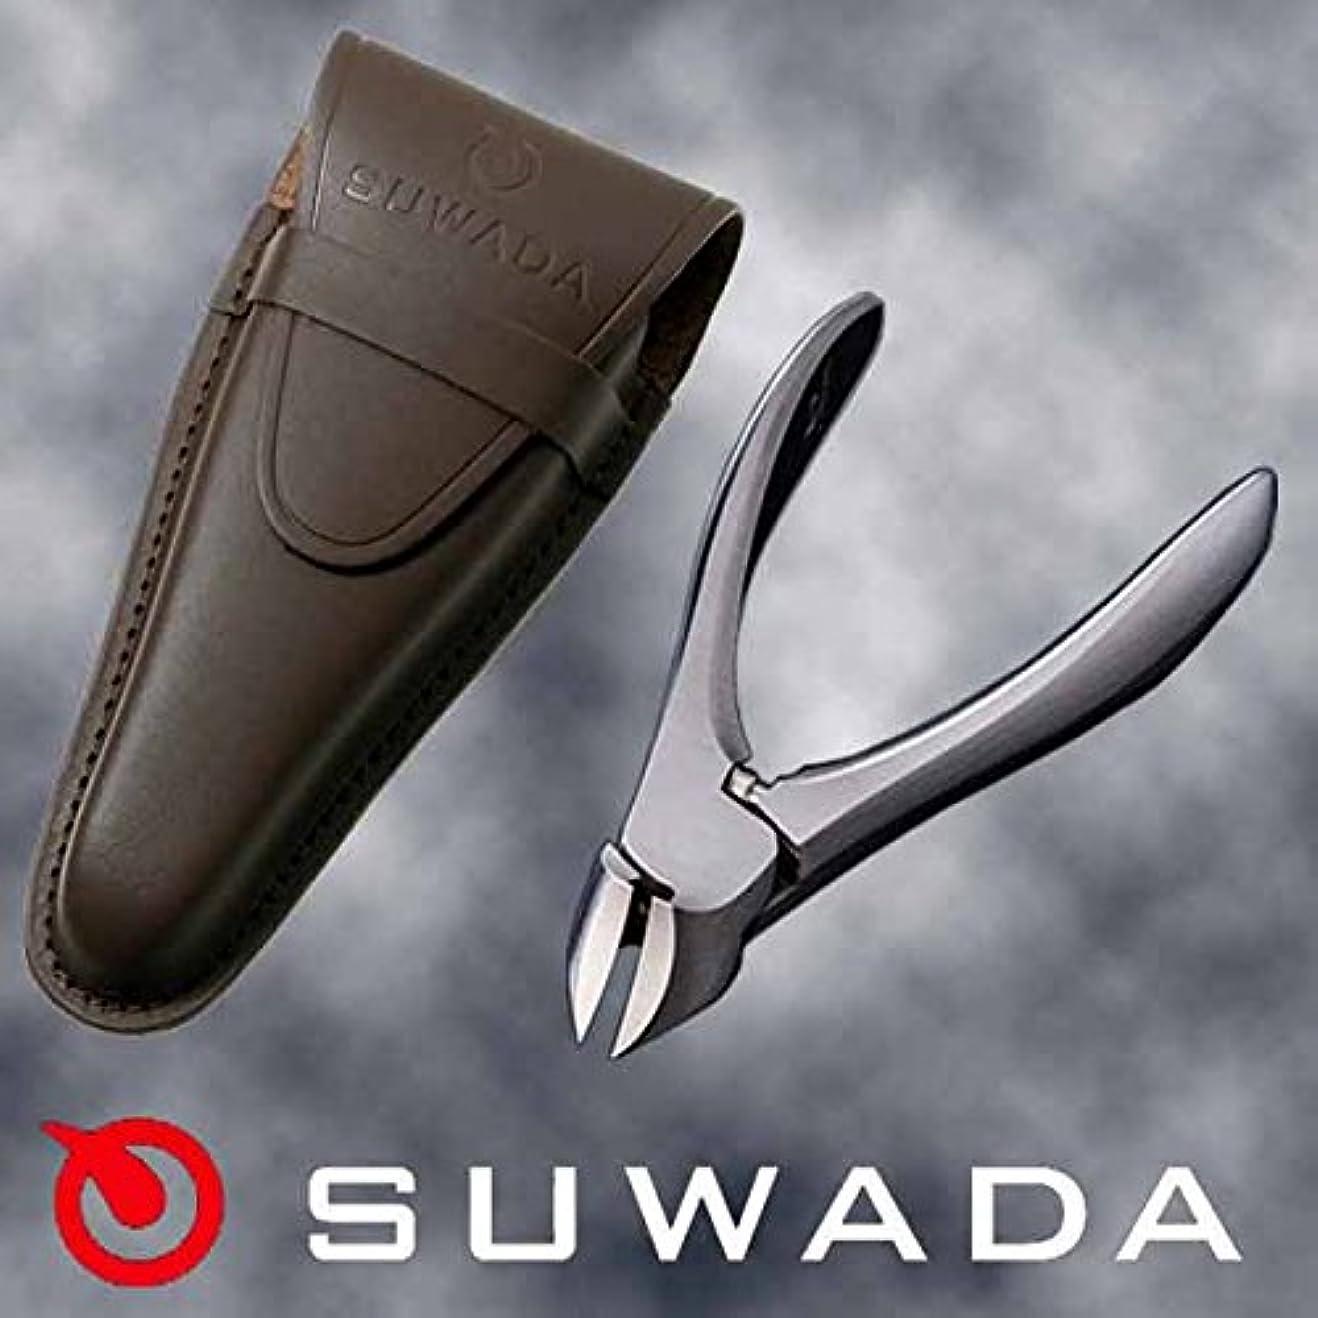 ポインタ陸軍素晴らしい良い多くのSUWADA爪切りクラシックL&ブラウン(茶)革ケースセット 特注モデル 諏訪田製作所製 スワダの爪切り